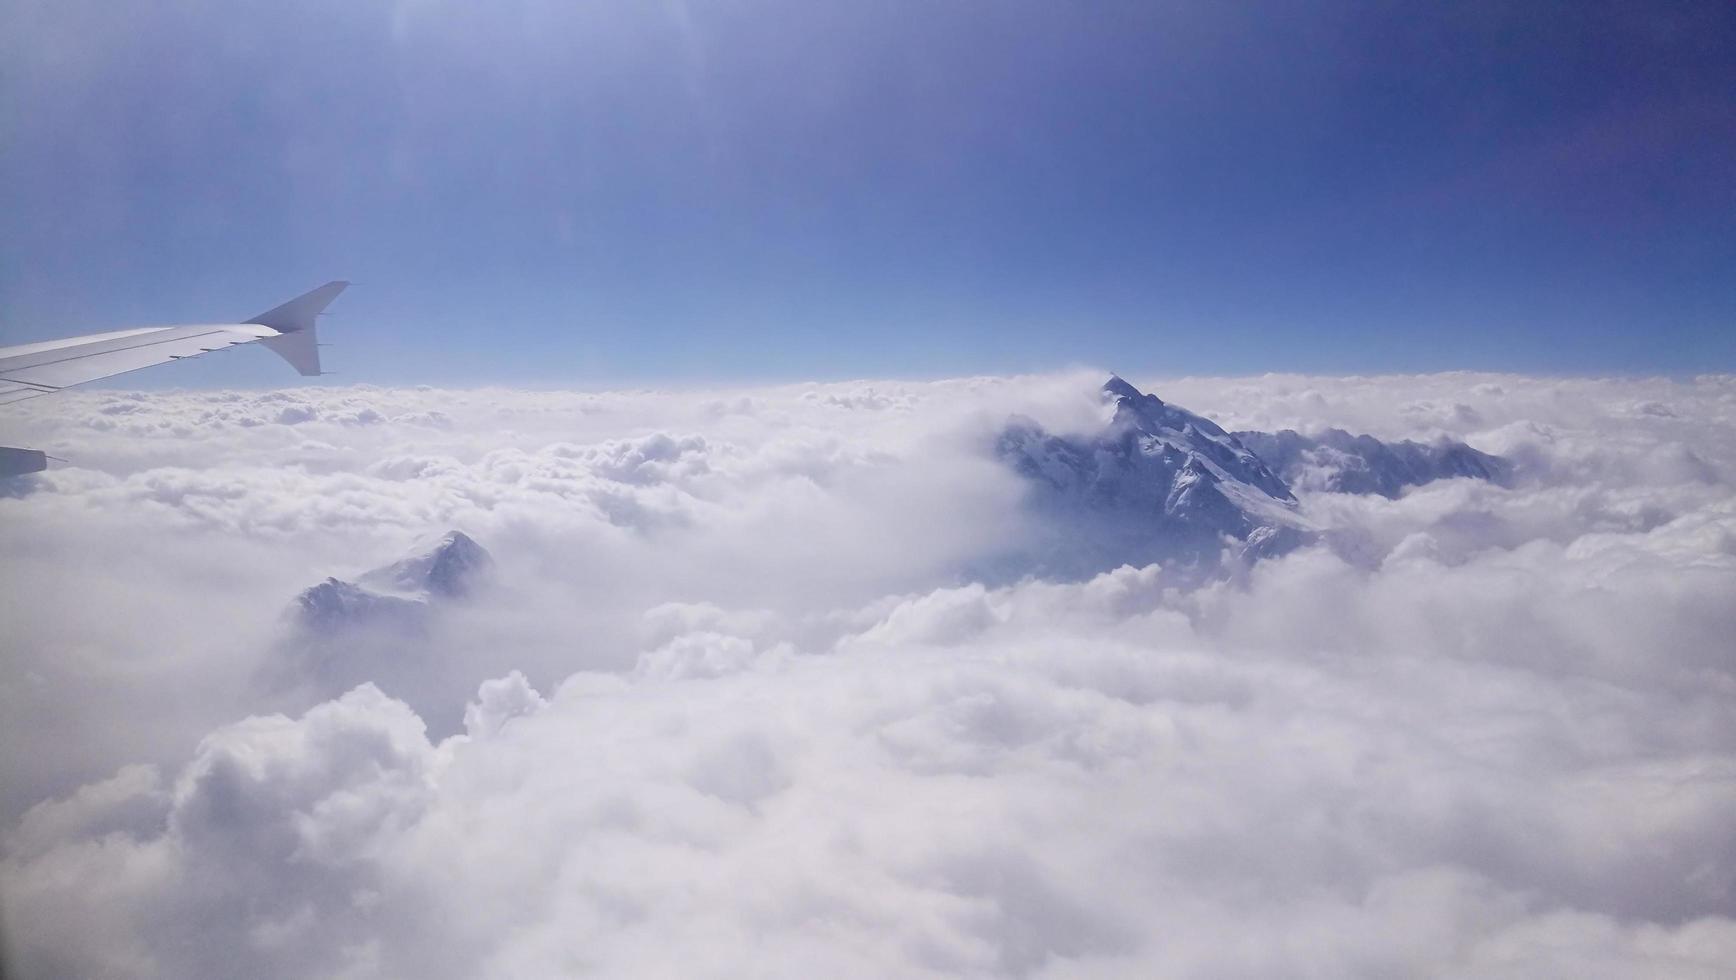 le sommet de la montagne émerge des nuages photo